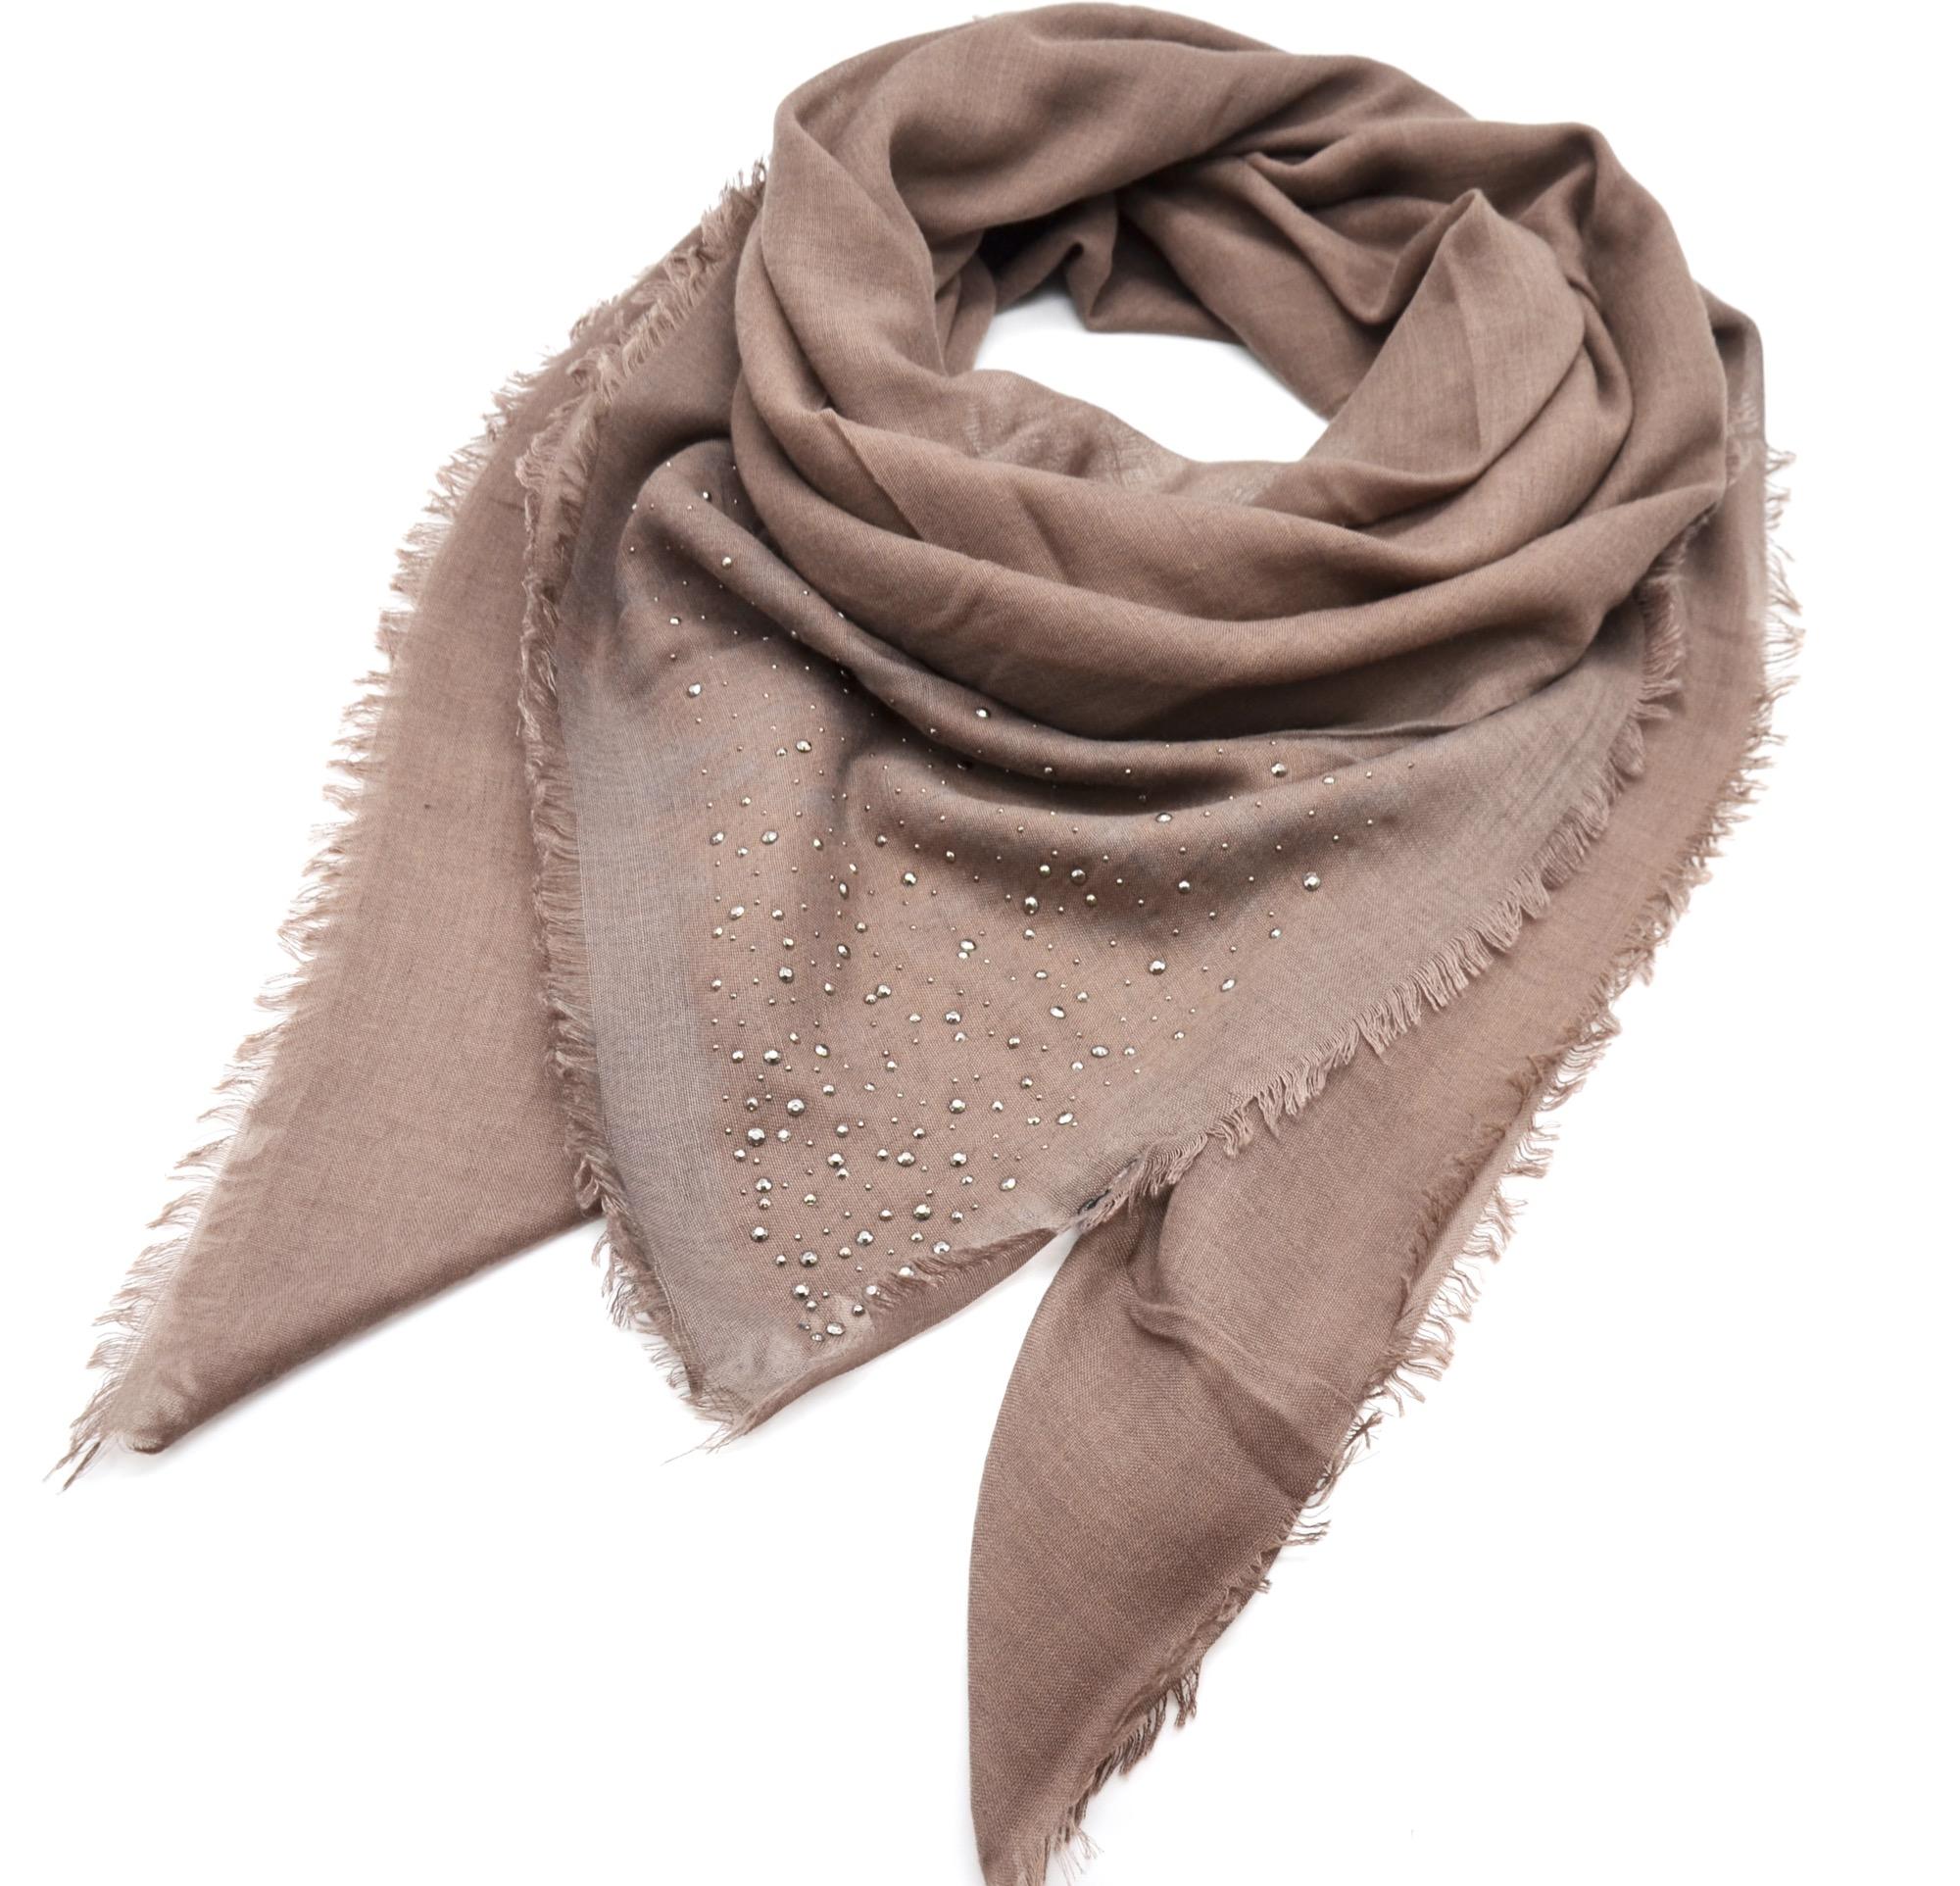 psv122 foulard carr automne hiver uni orn de clous avec contour franges mode femme taupe. Black Bedroom Furniture Sets. Home Design Ideas